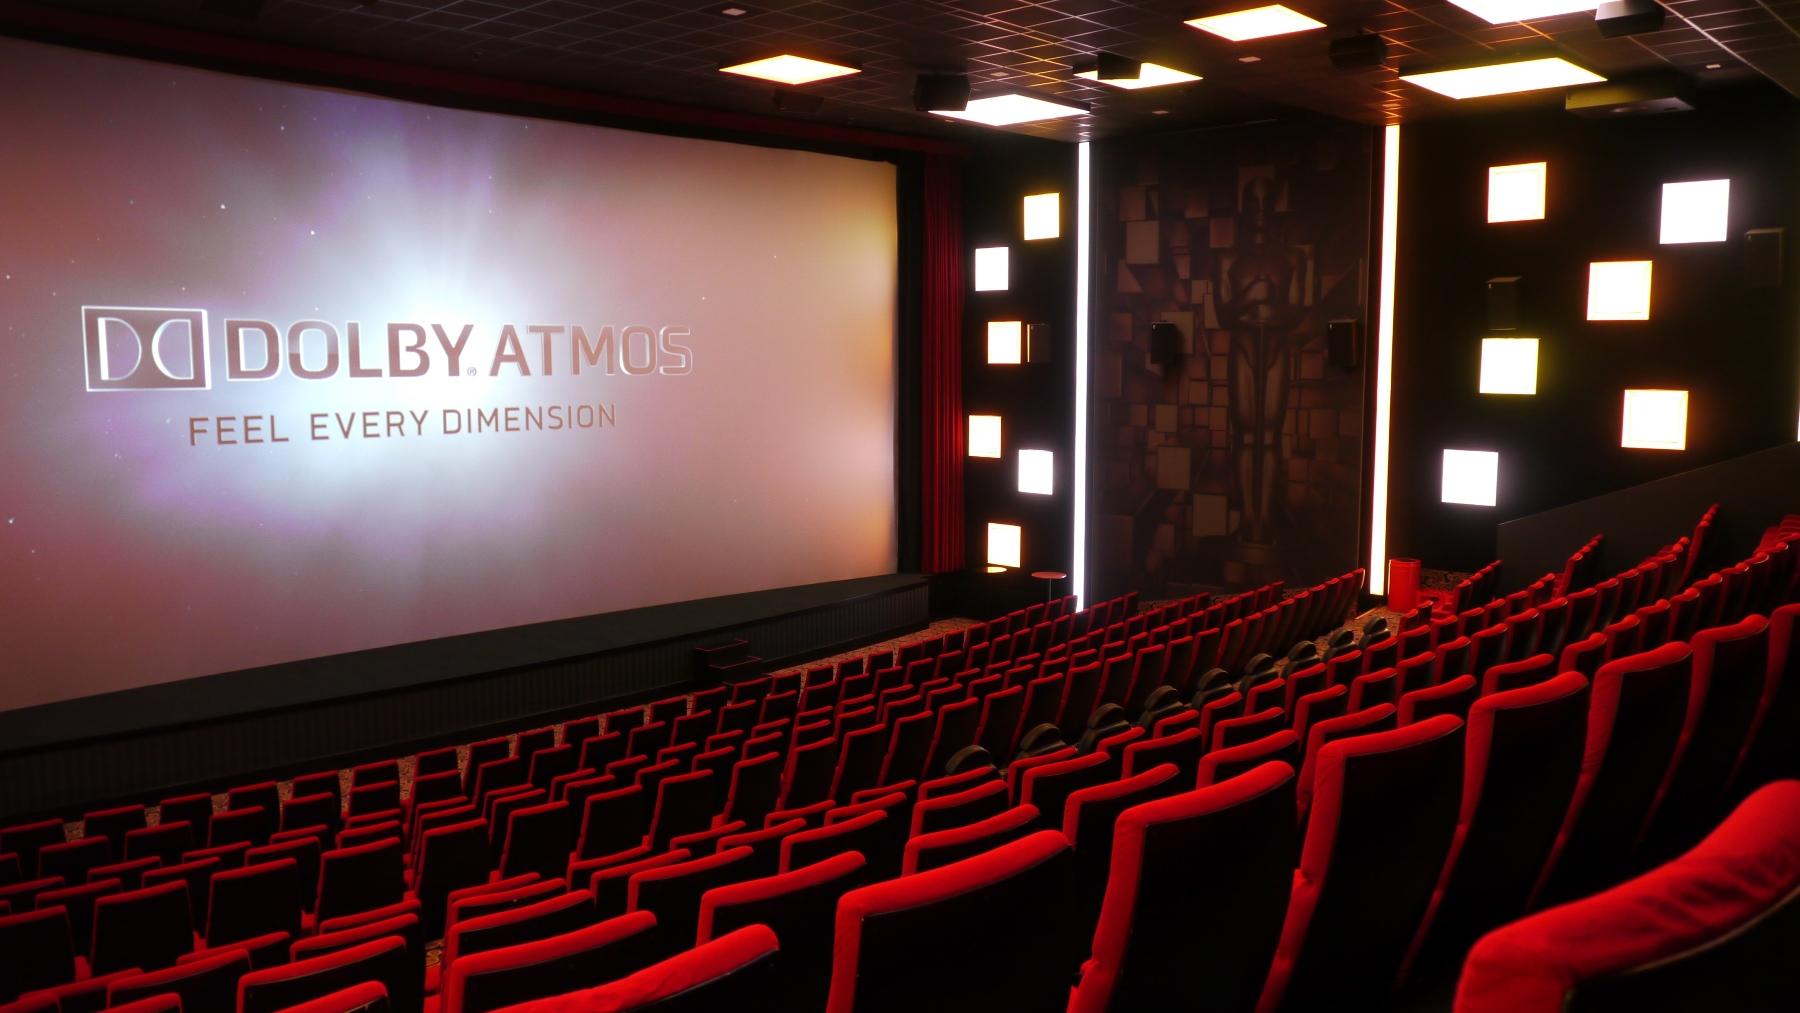 dietrich theater ulm